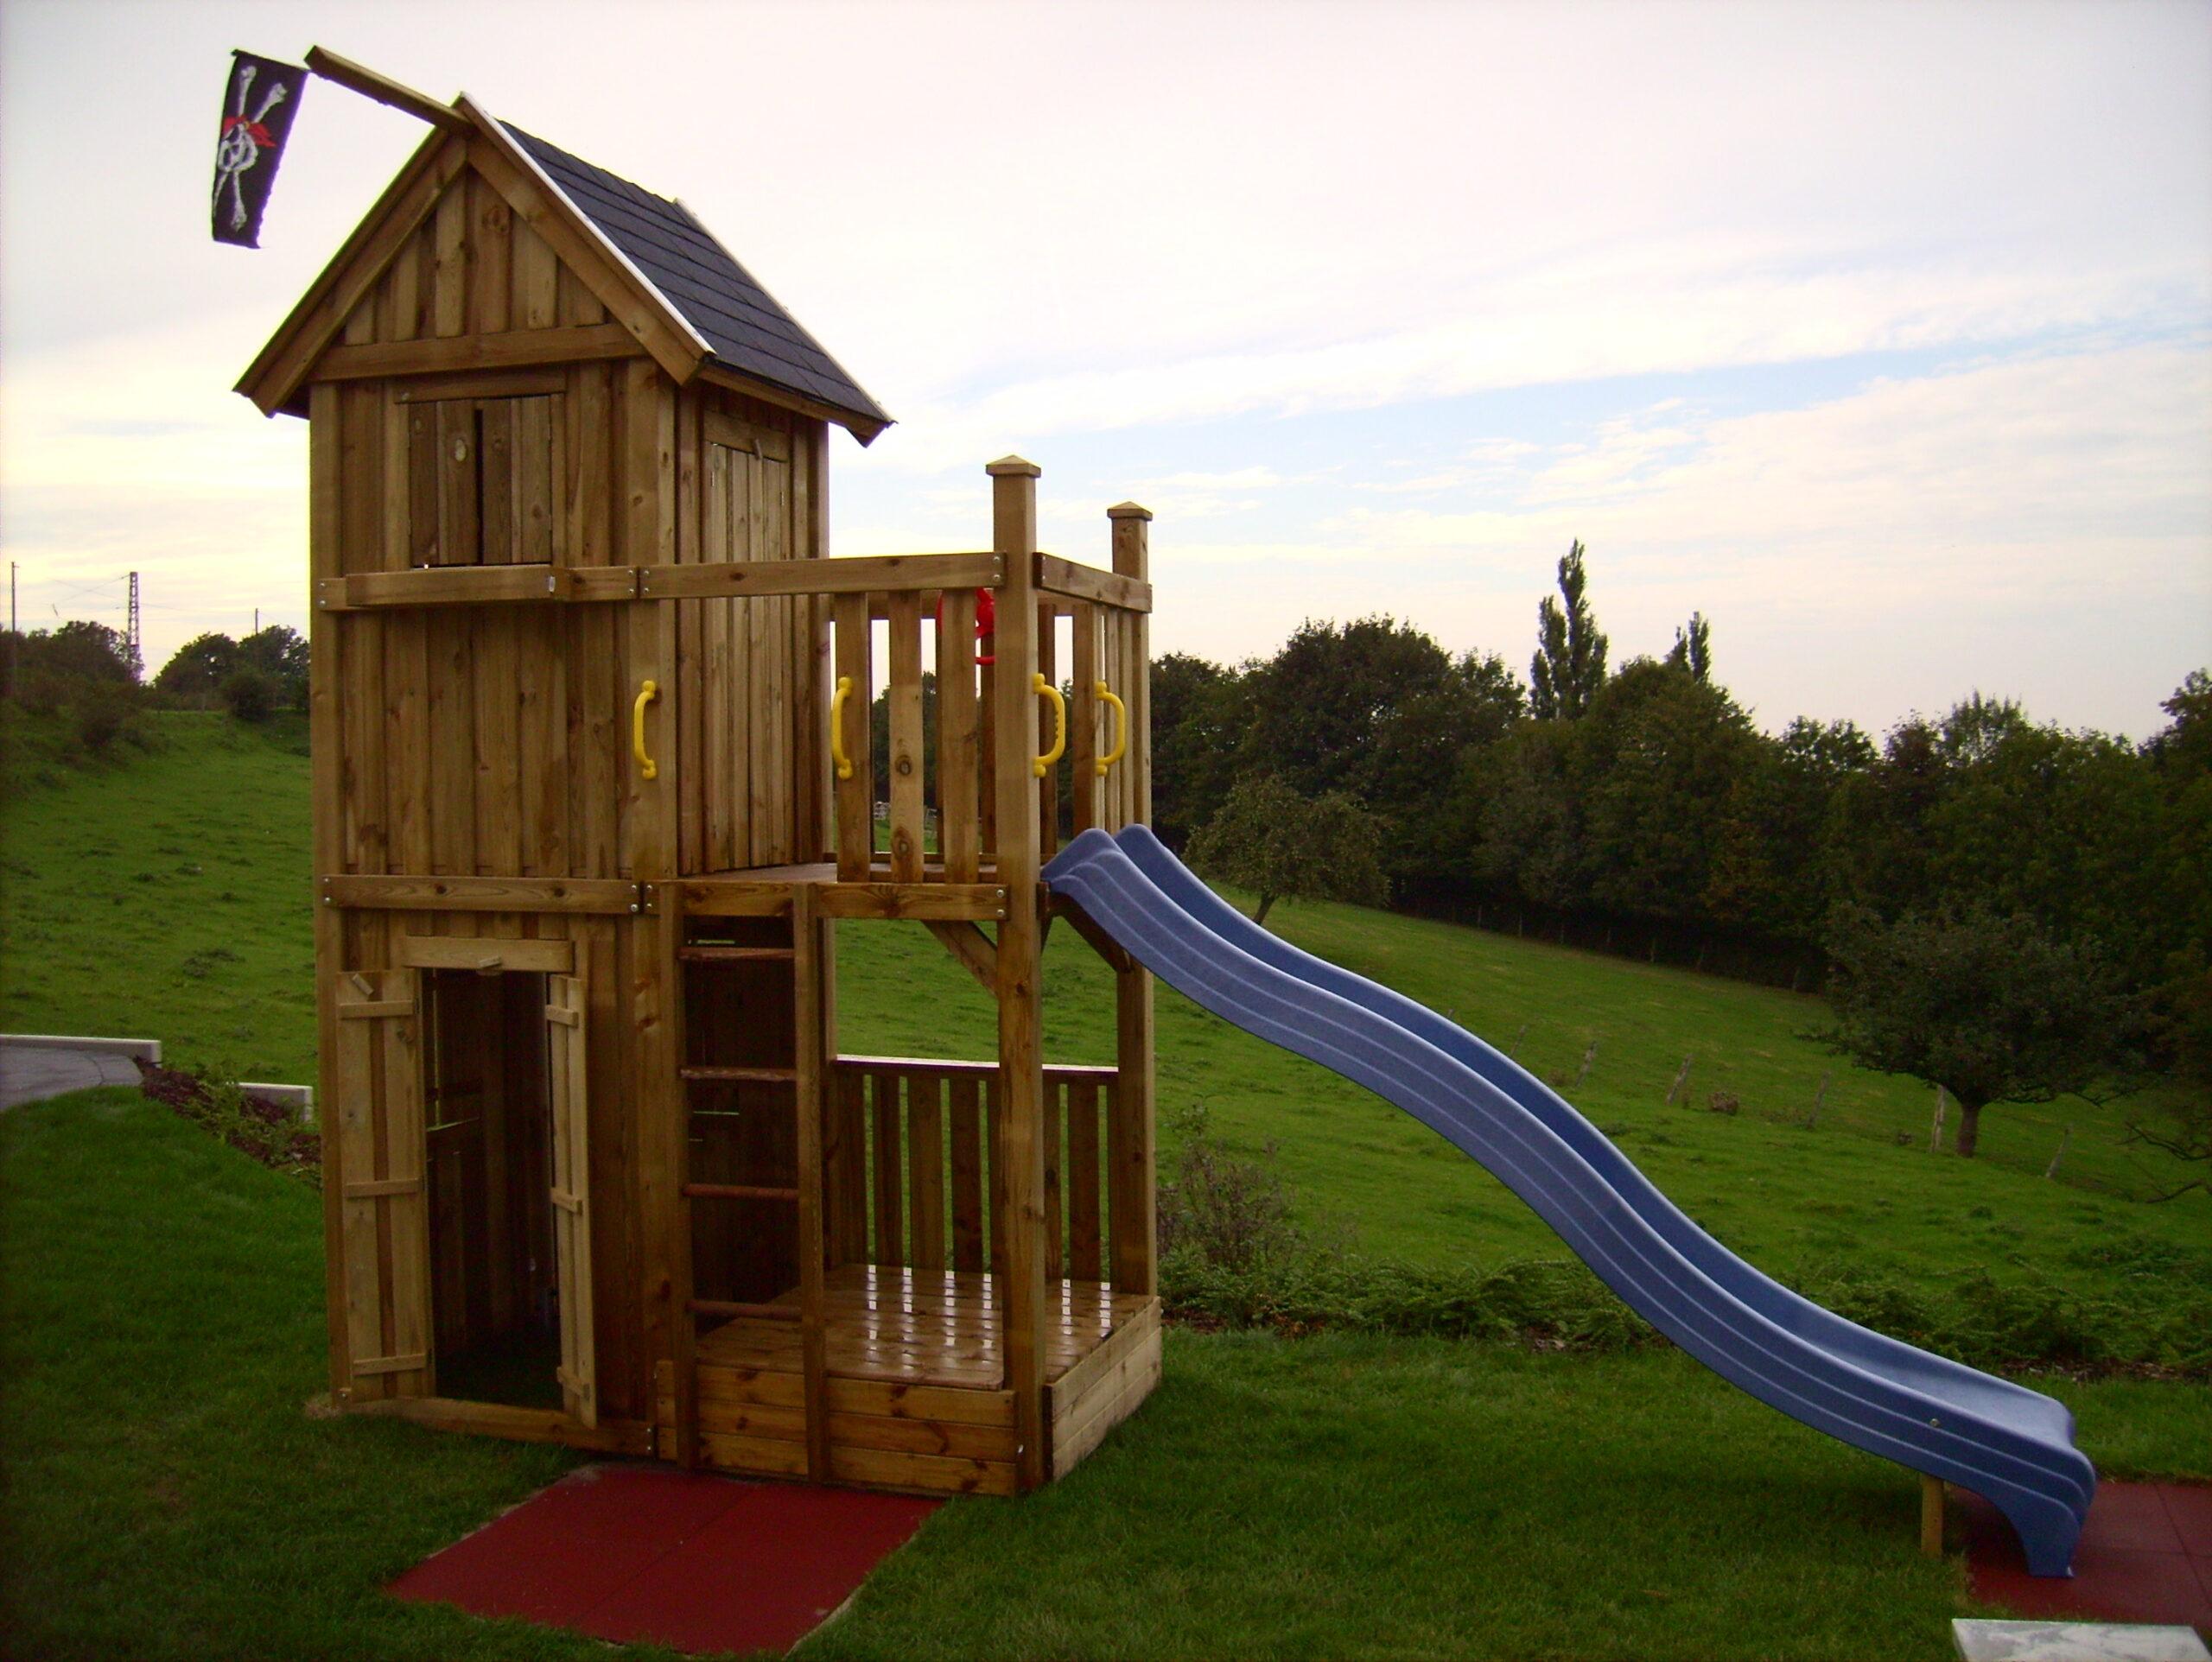 Full Size of Spielturm Abverkauf Kinderspielgerte Archive Sauerland Gmbh Inselküche Kinderspielturm Garten Bad Wohnzimmer Spielturm Abverkauf